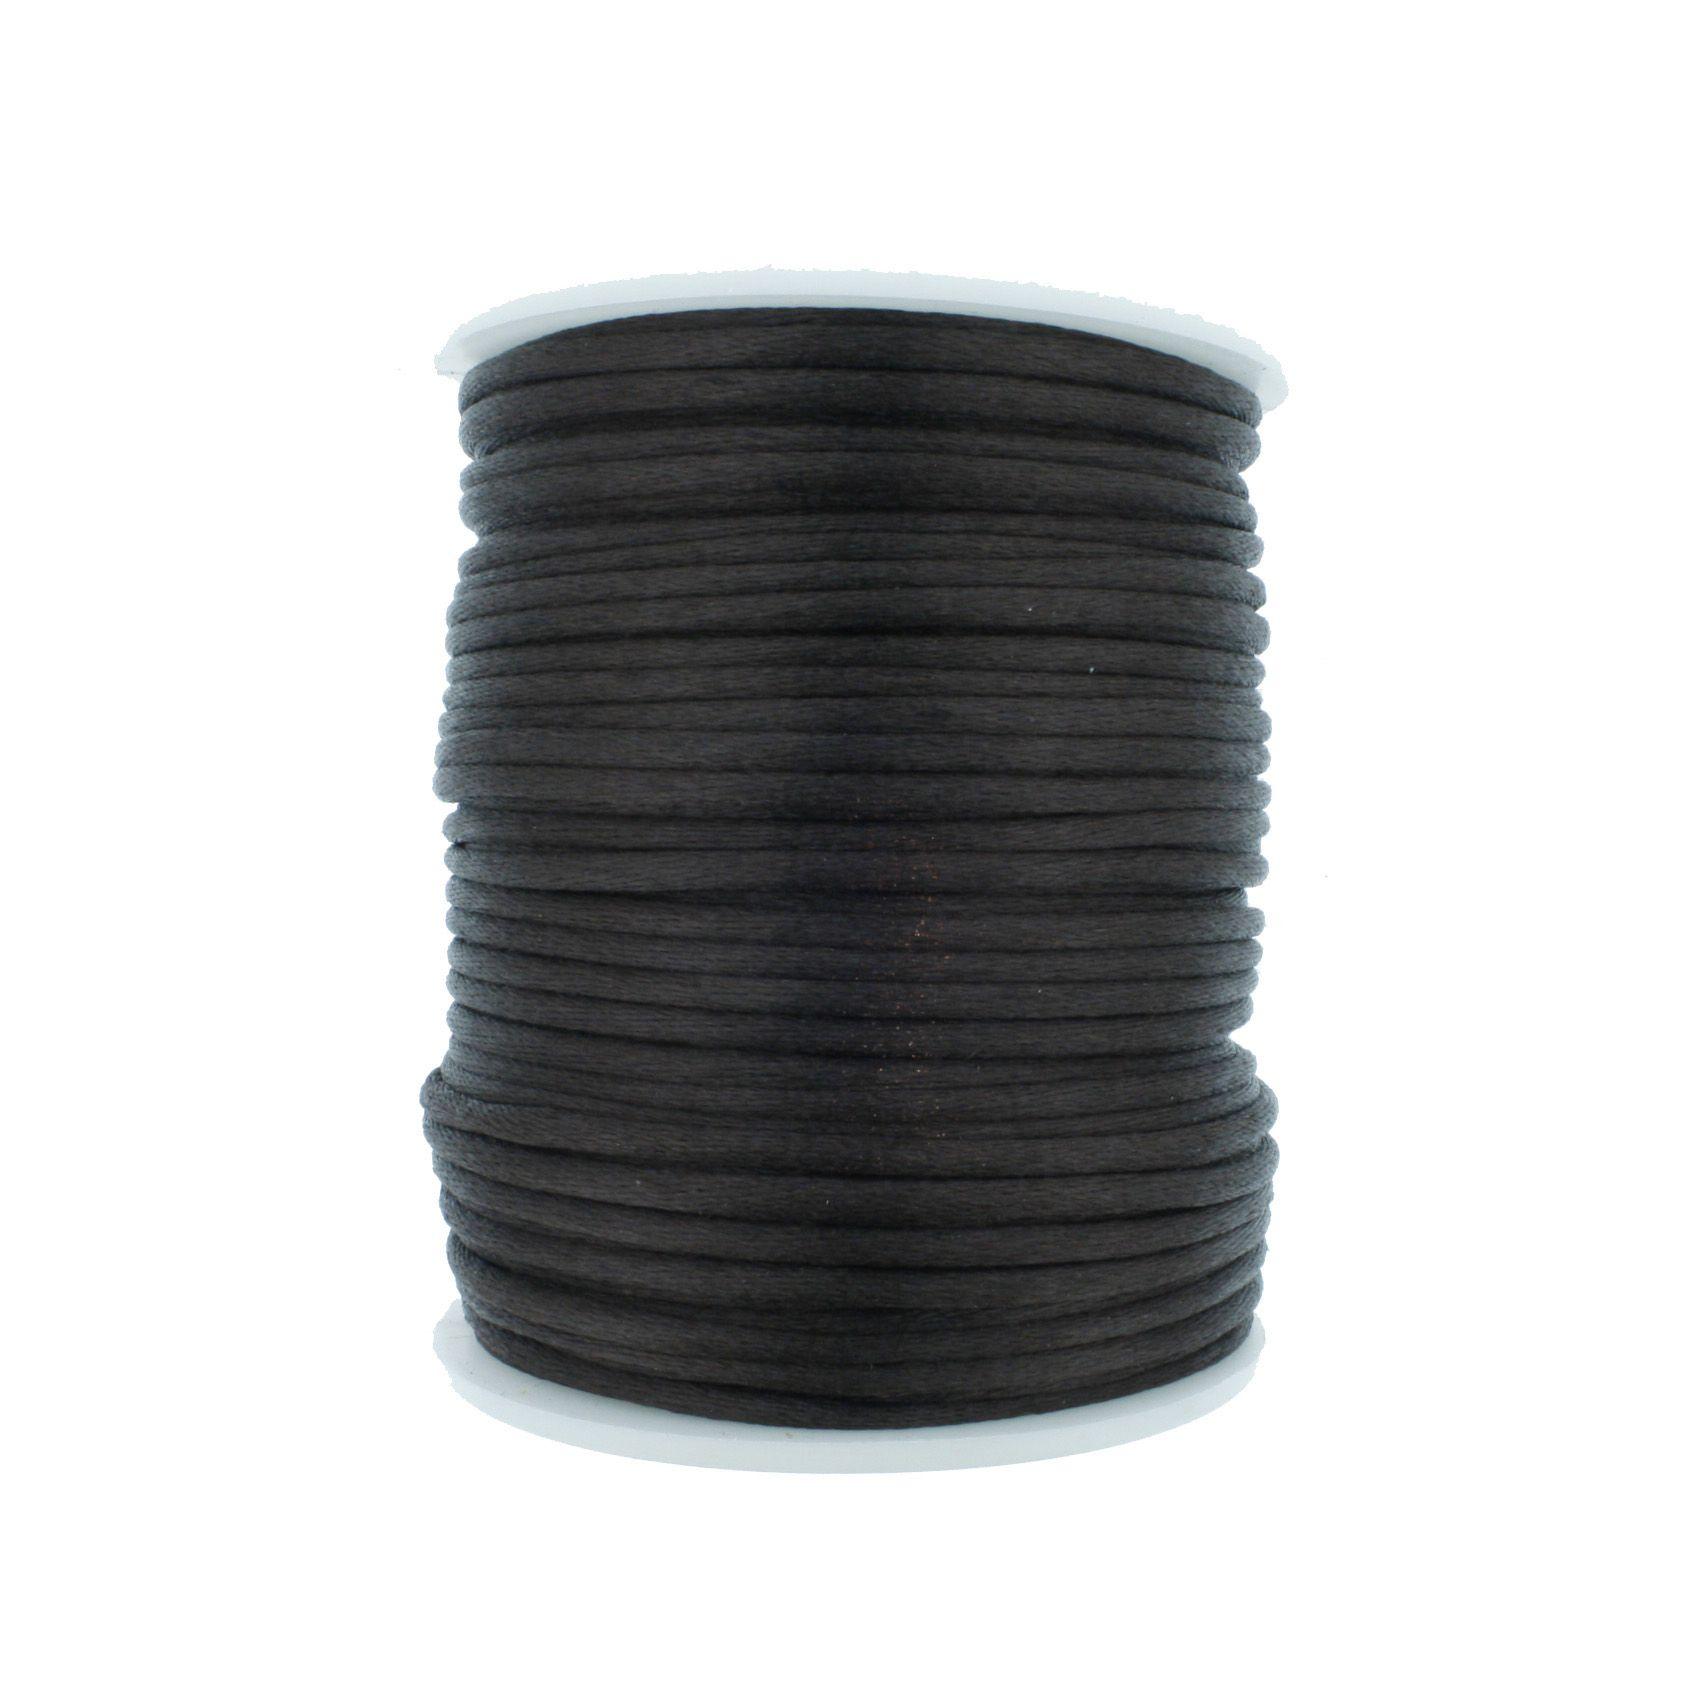 Cordão de Seda - Preto - 2mm  - Stéphanie Bijoux® - Peças para Bijuterias e Artesanato